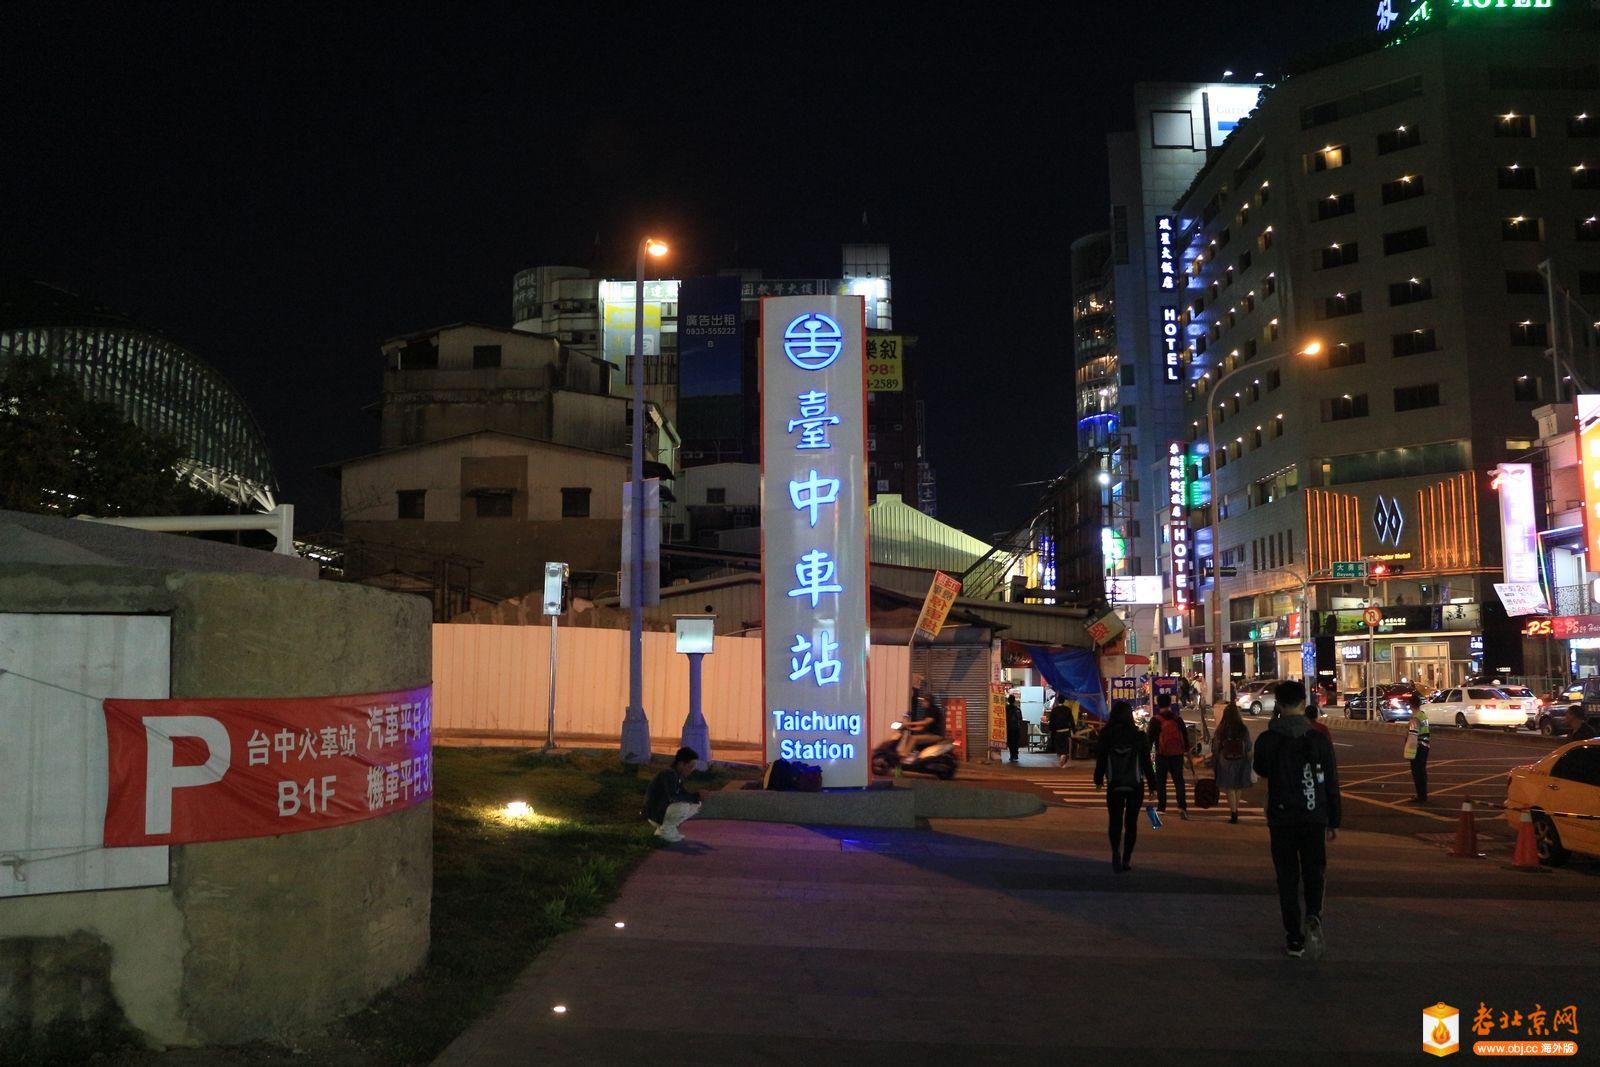 台灣中部三日遊之中興新村與台中夜景篇